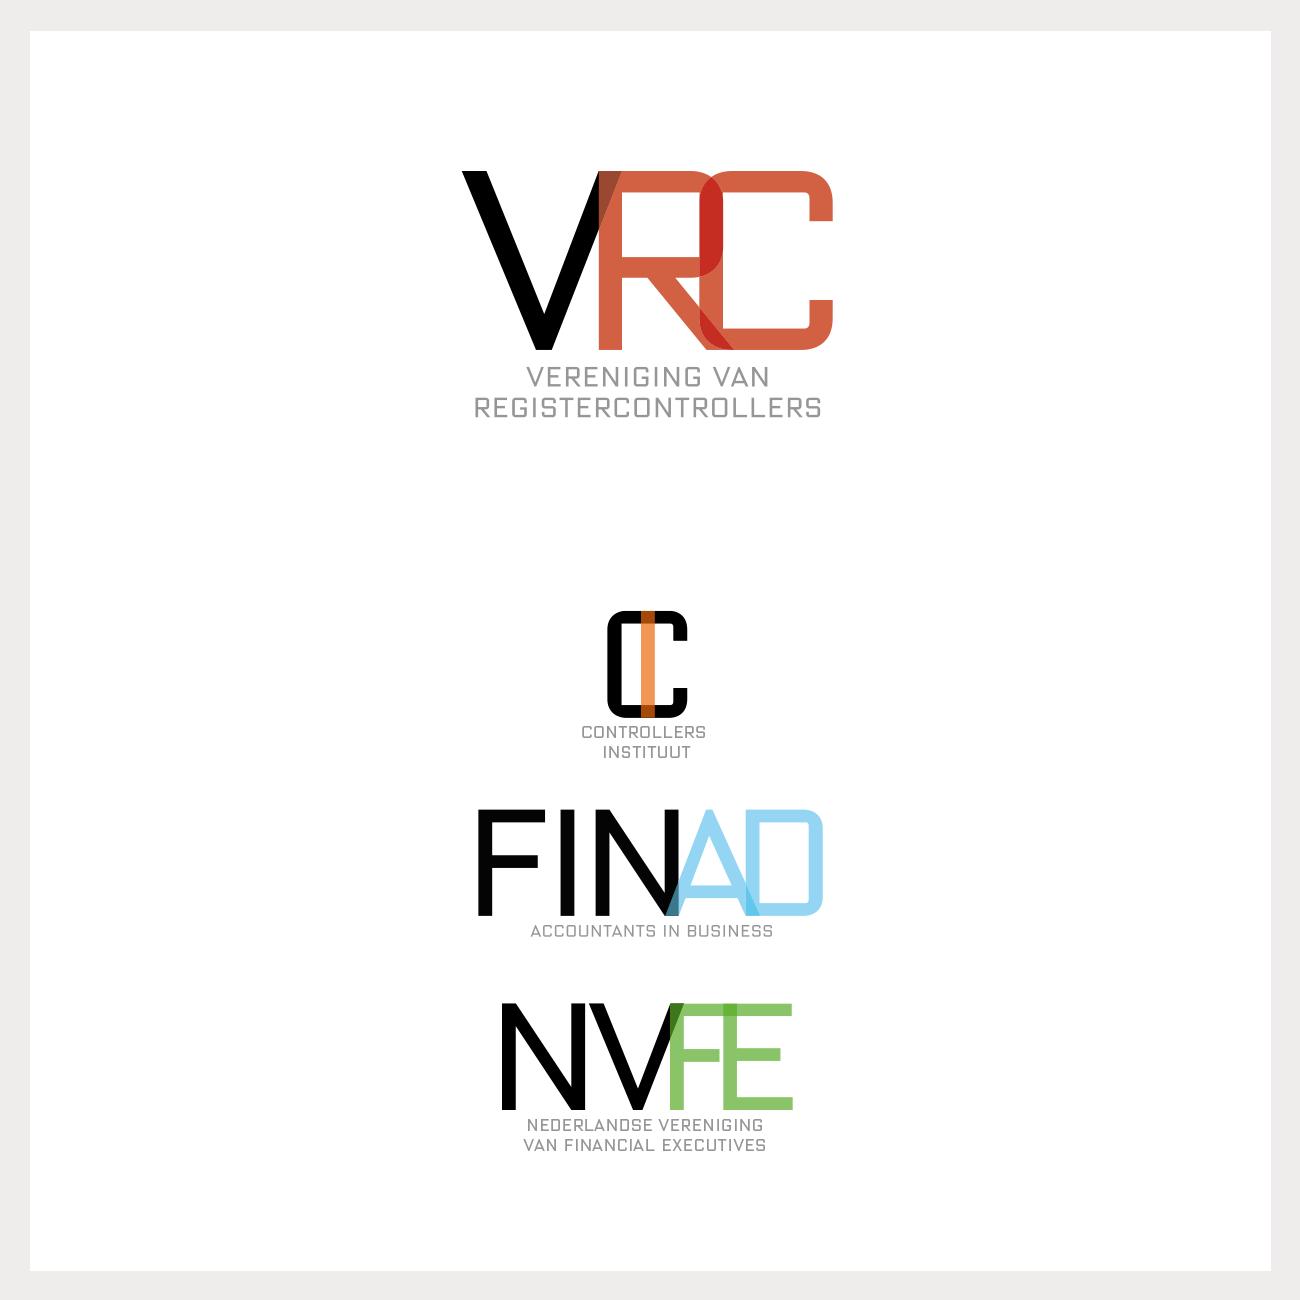 Serie logo's voor de VRC en hun dochterondernemingen